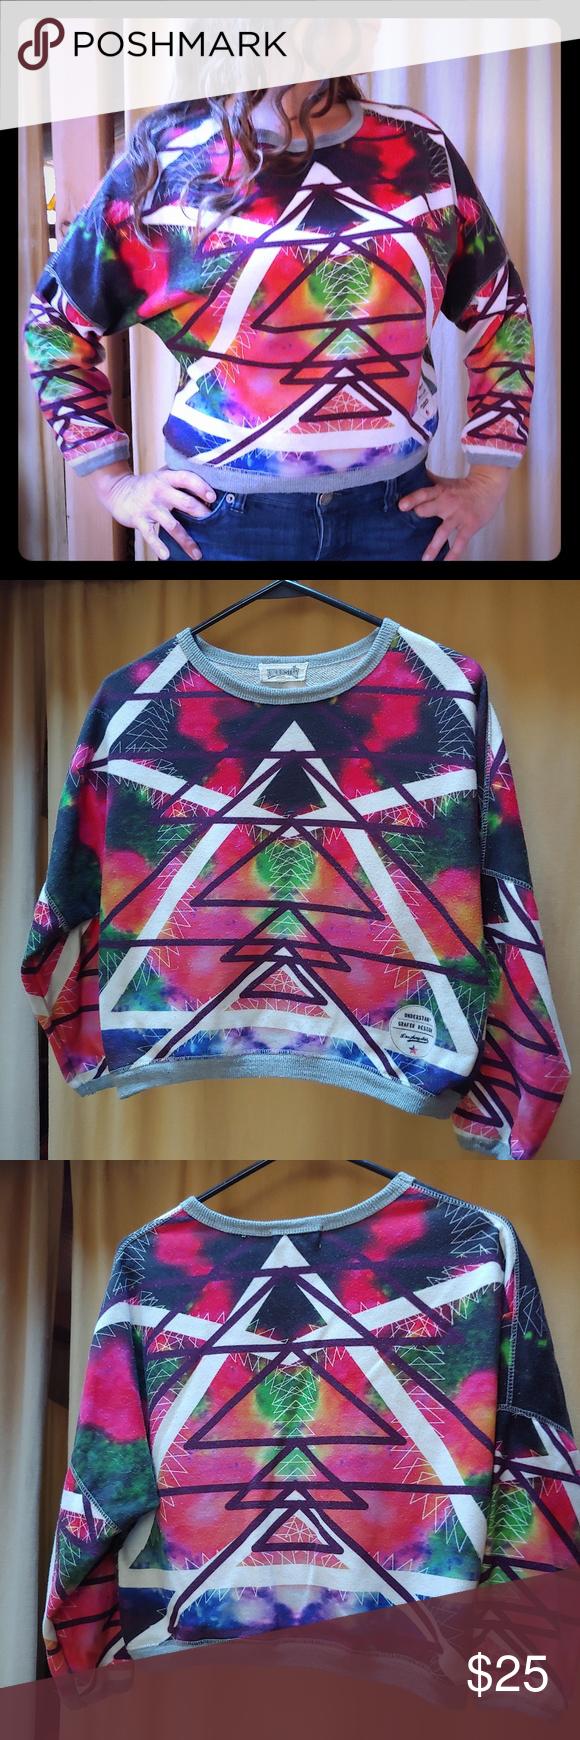 21a1d5ad15fc4 Grafix design crop top sweatshirt Understar Grafix Design crop top  sweatshirt in good condition. I